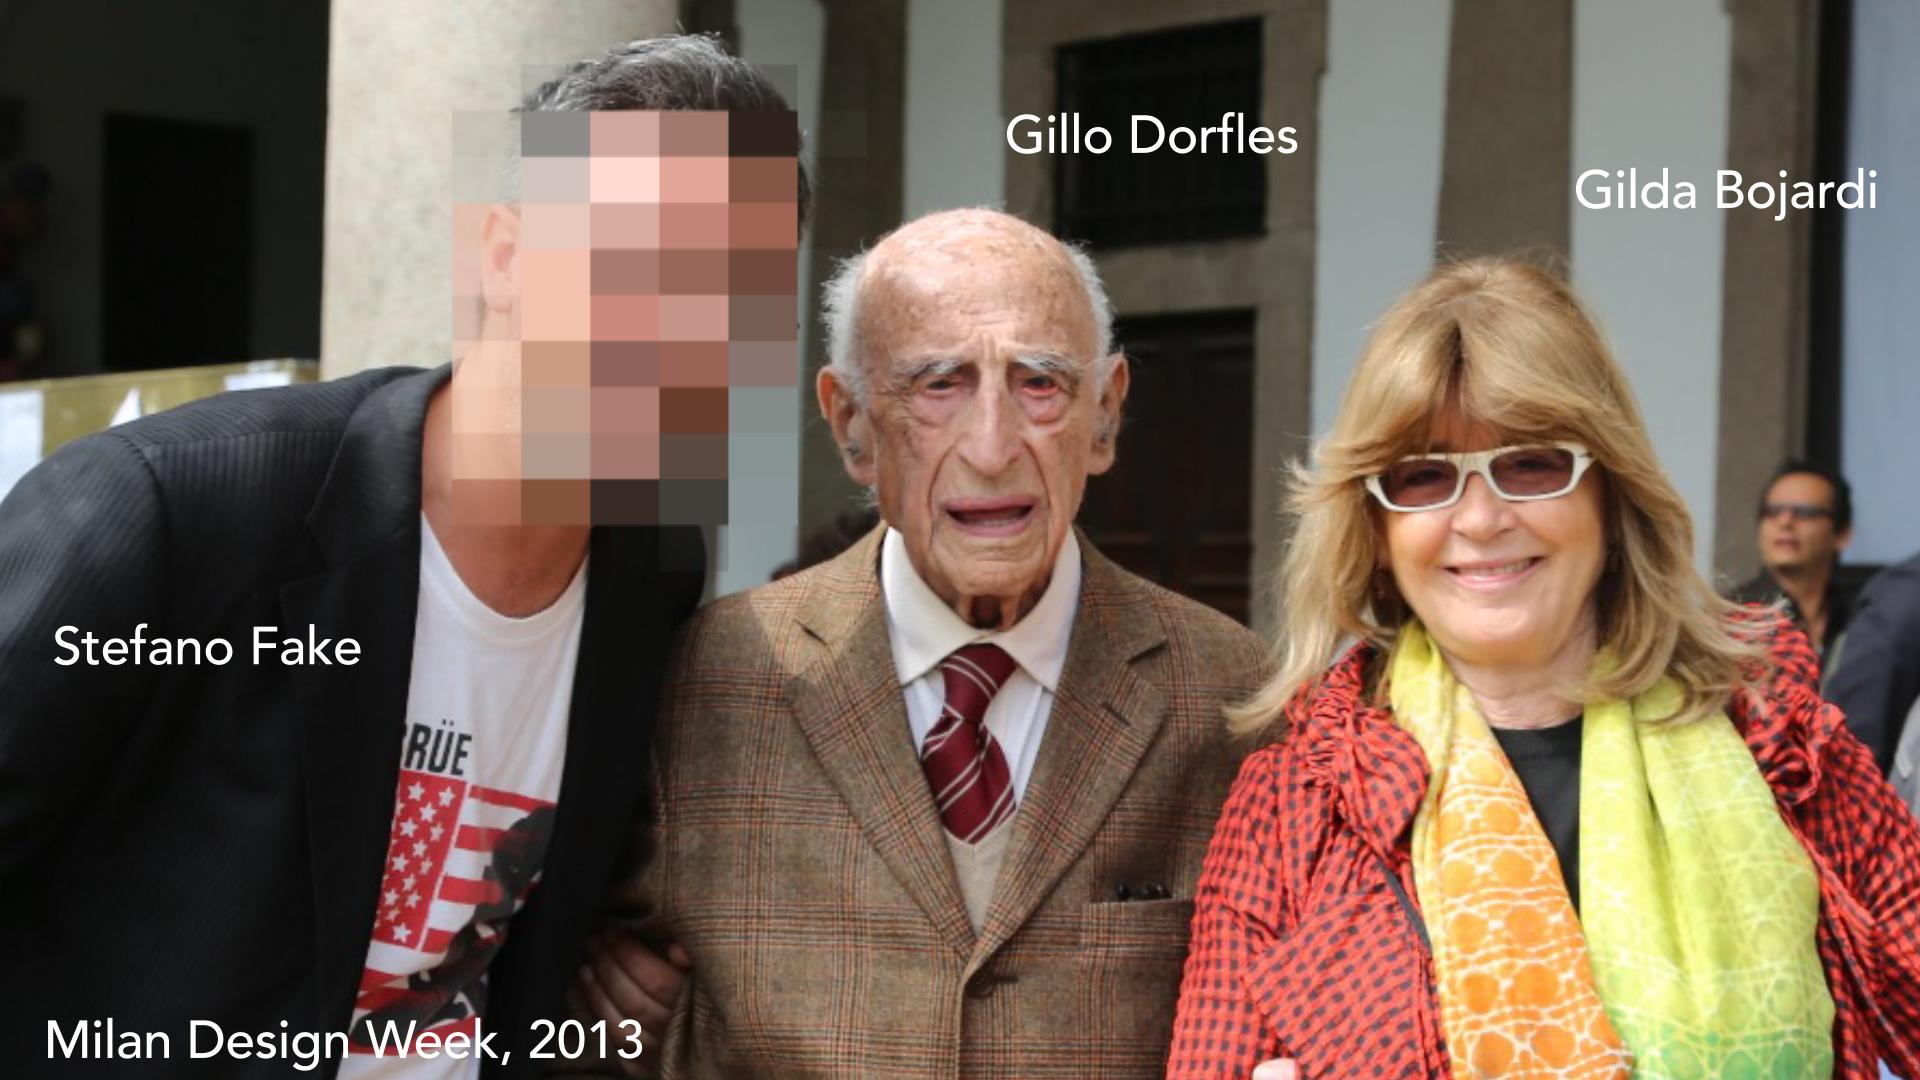 GILLO DORFLES + FAKE + BOIARDI - FUORISALONE MILANO